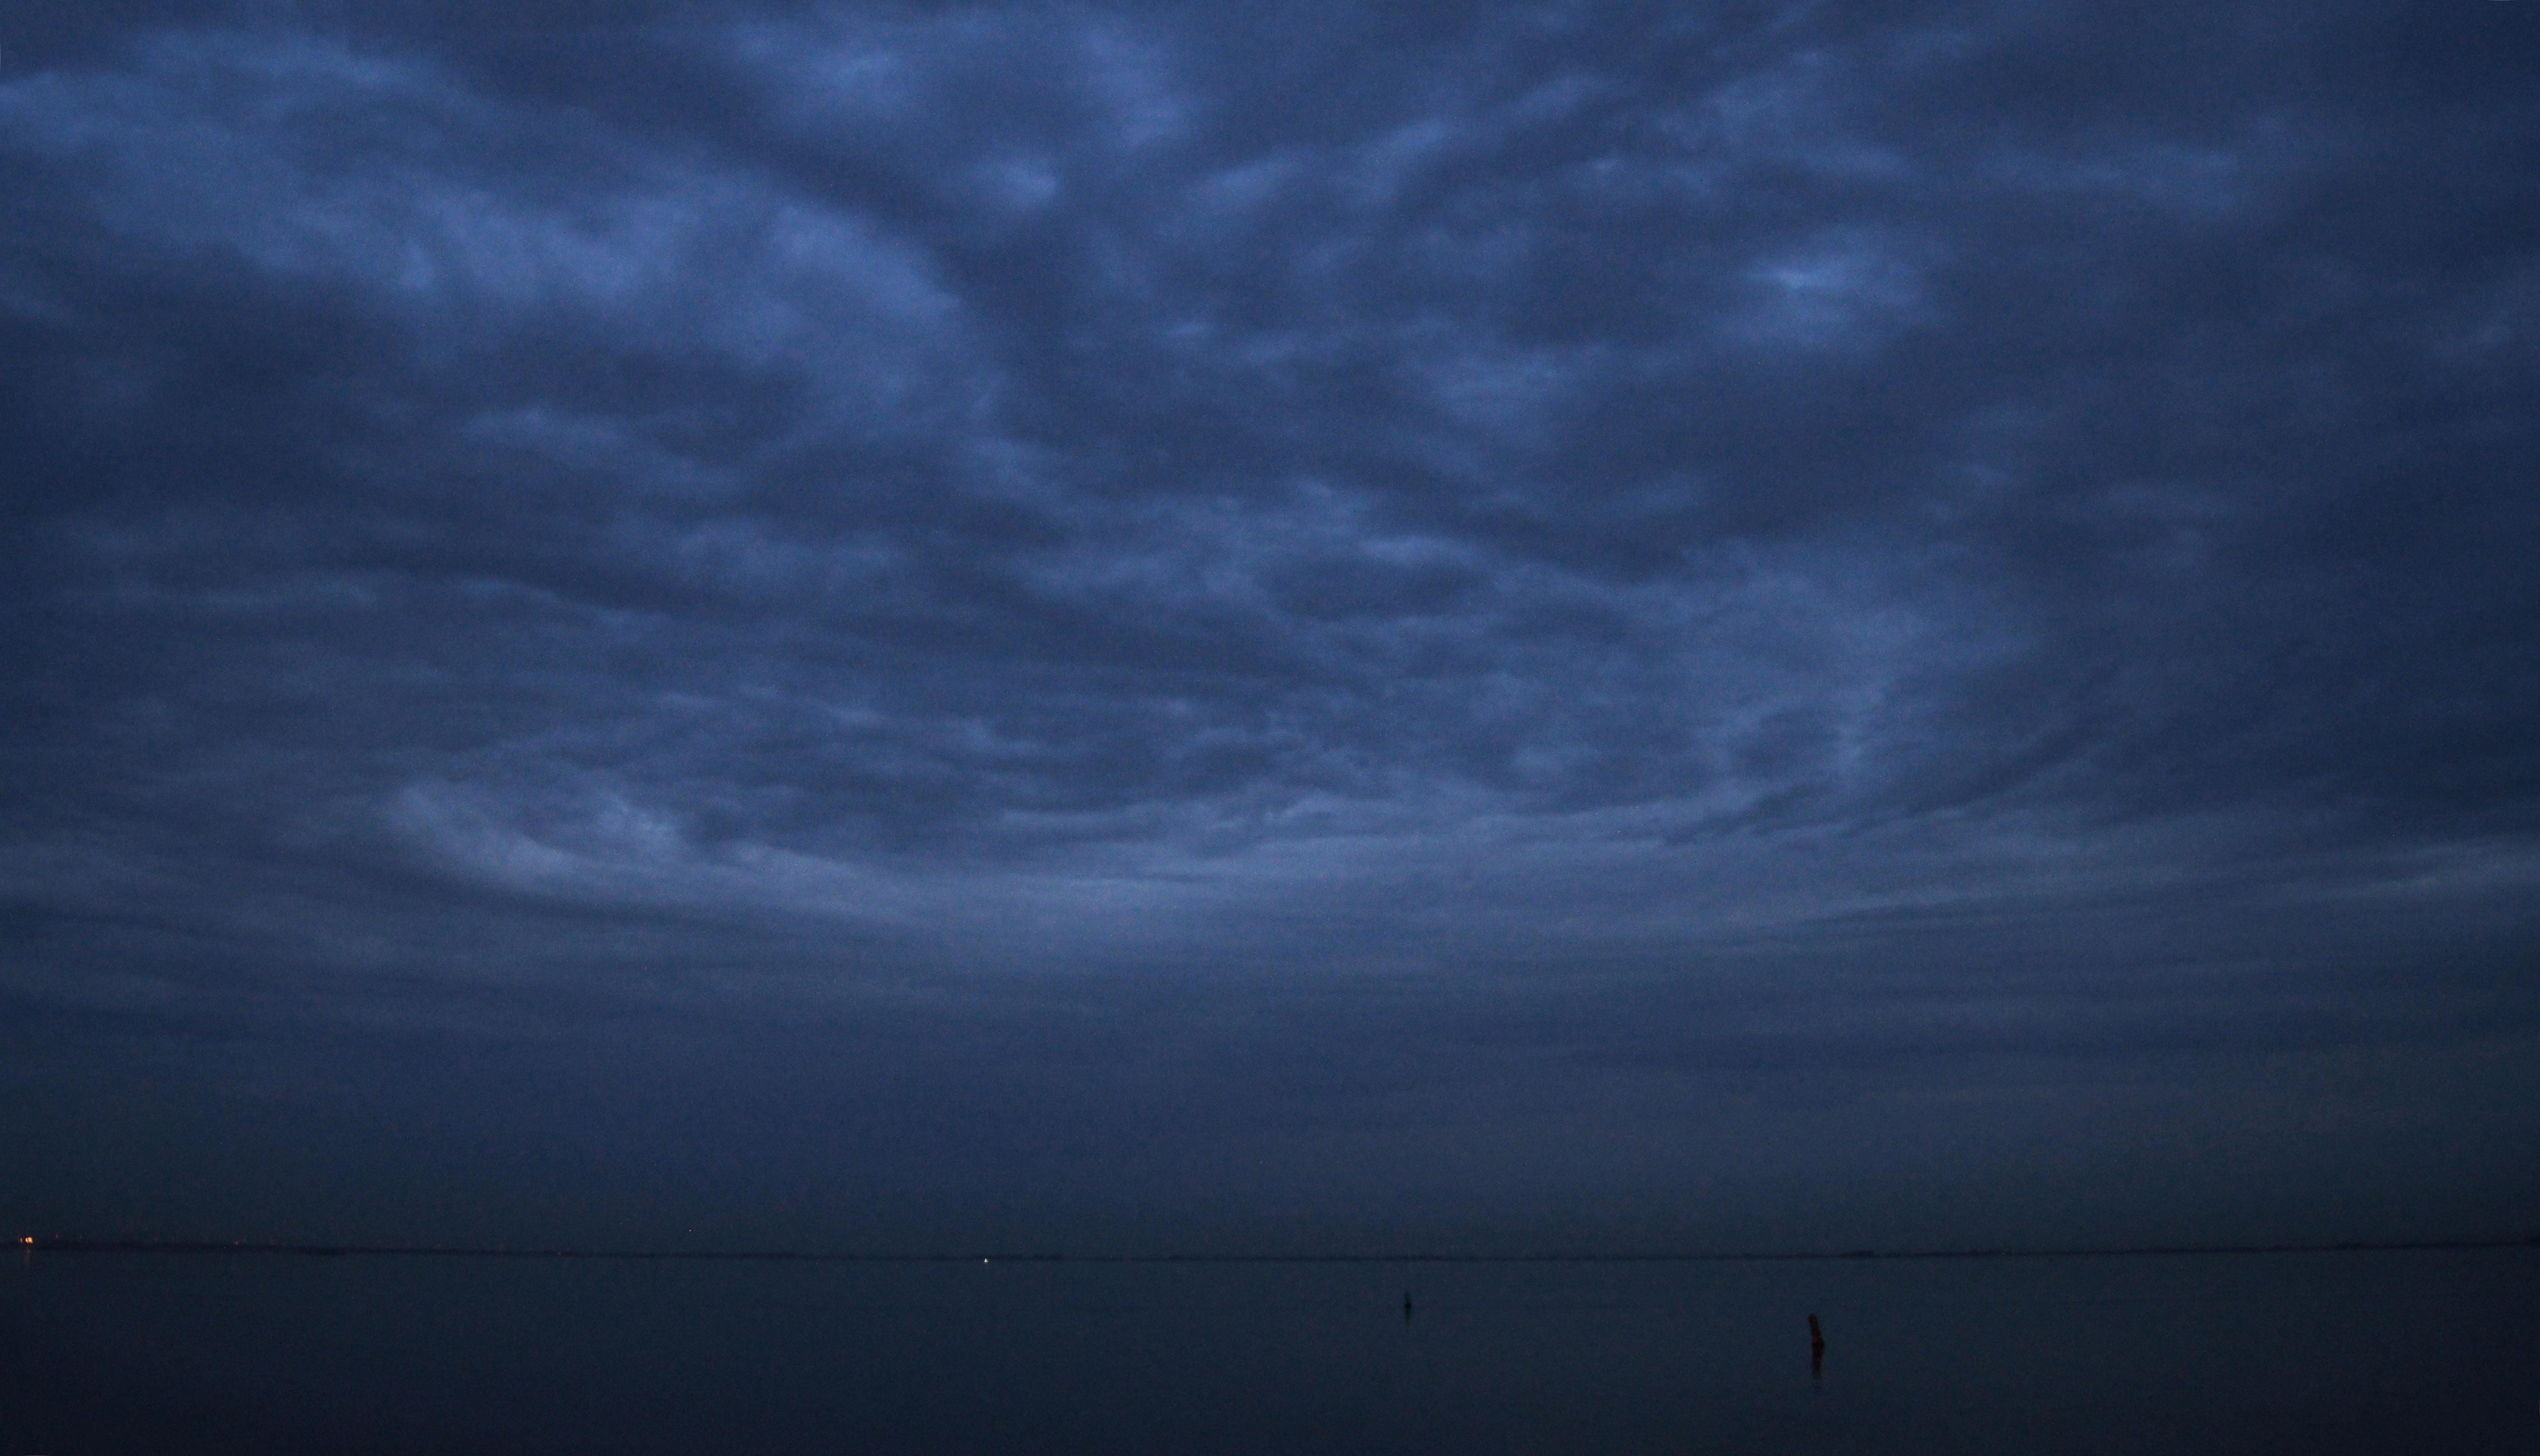 Dirk-Van-denBergh_20180727_dreigende-wolken-68836